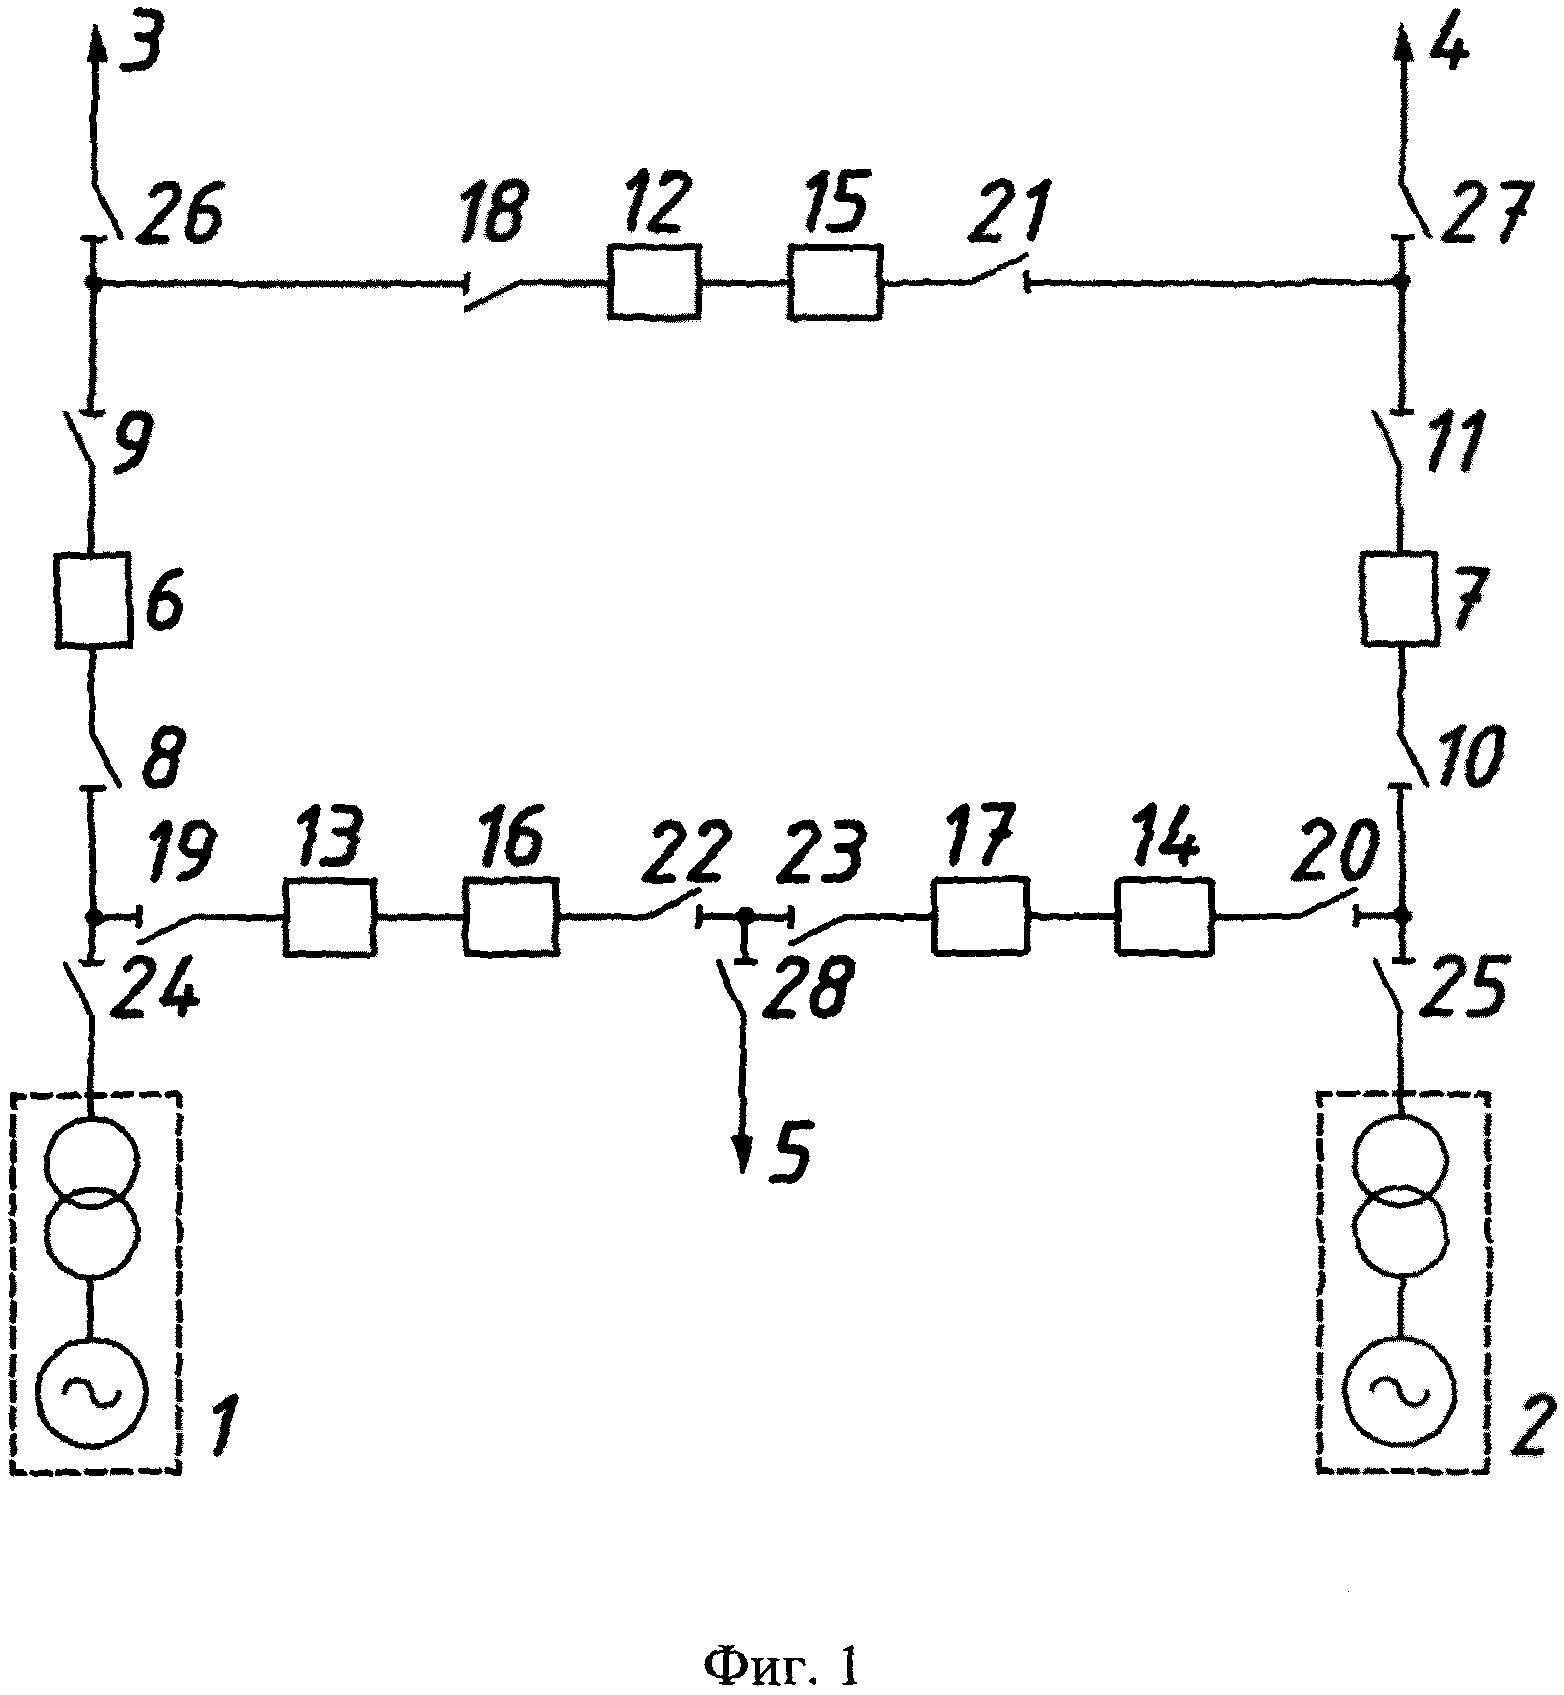 Открытое распределительное устройство электрической станции с двумя блоками генератор-трансформатор и тремя линиями